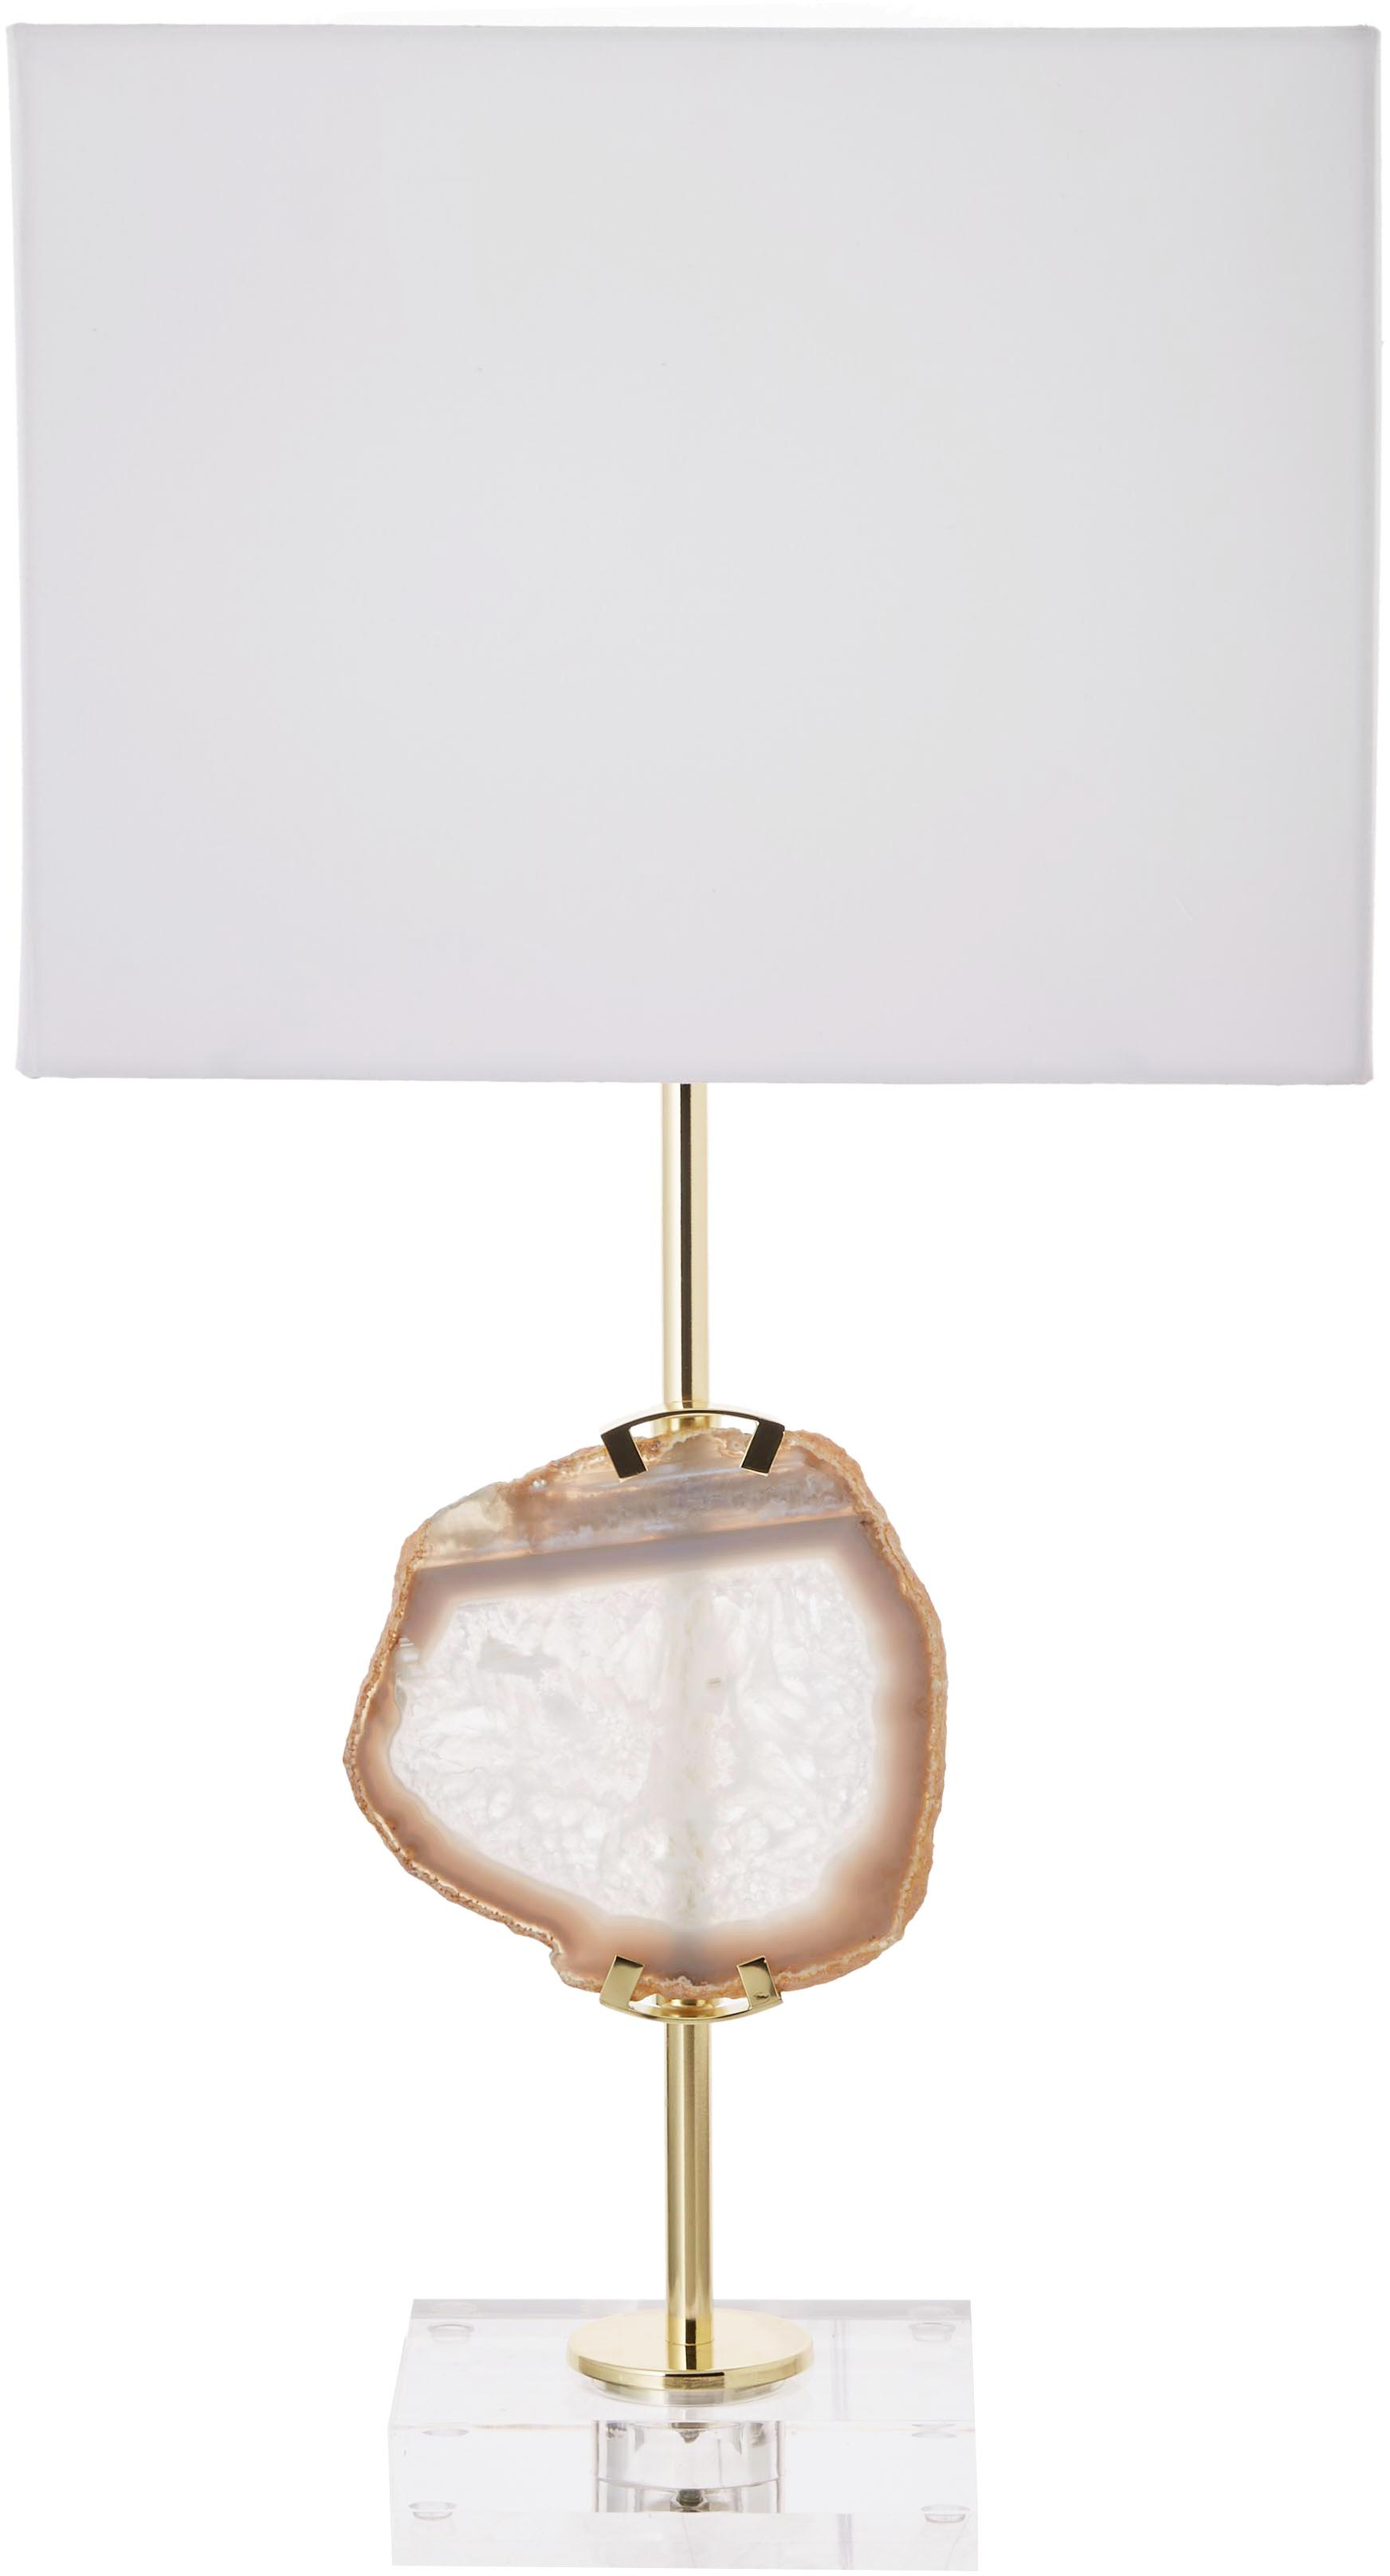 Lampada da tavolo con decorazione in agata Treasure, Paralume: miscela di cotone, Base della lampada: acrilico metallo, Trasparente, dorato, agata beige Paralume: bianco, Larg. 33 x Alt. 62 cm